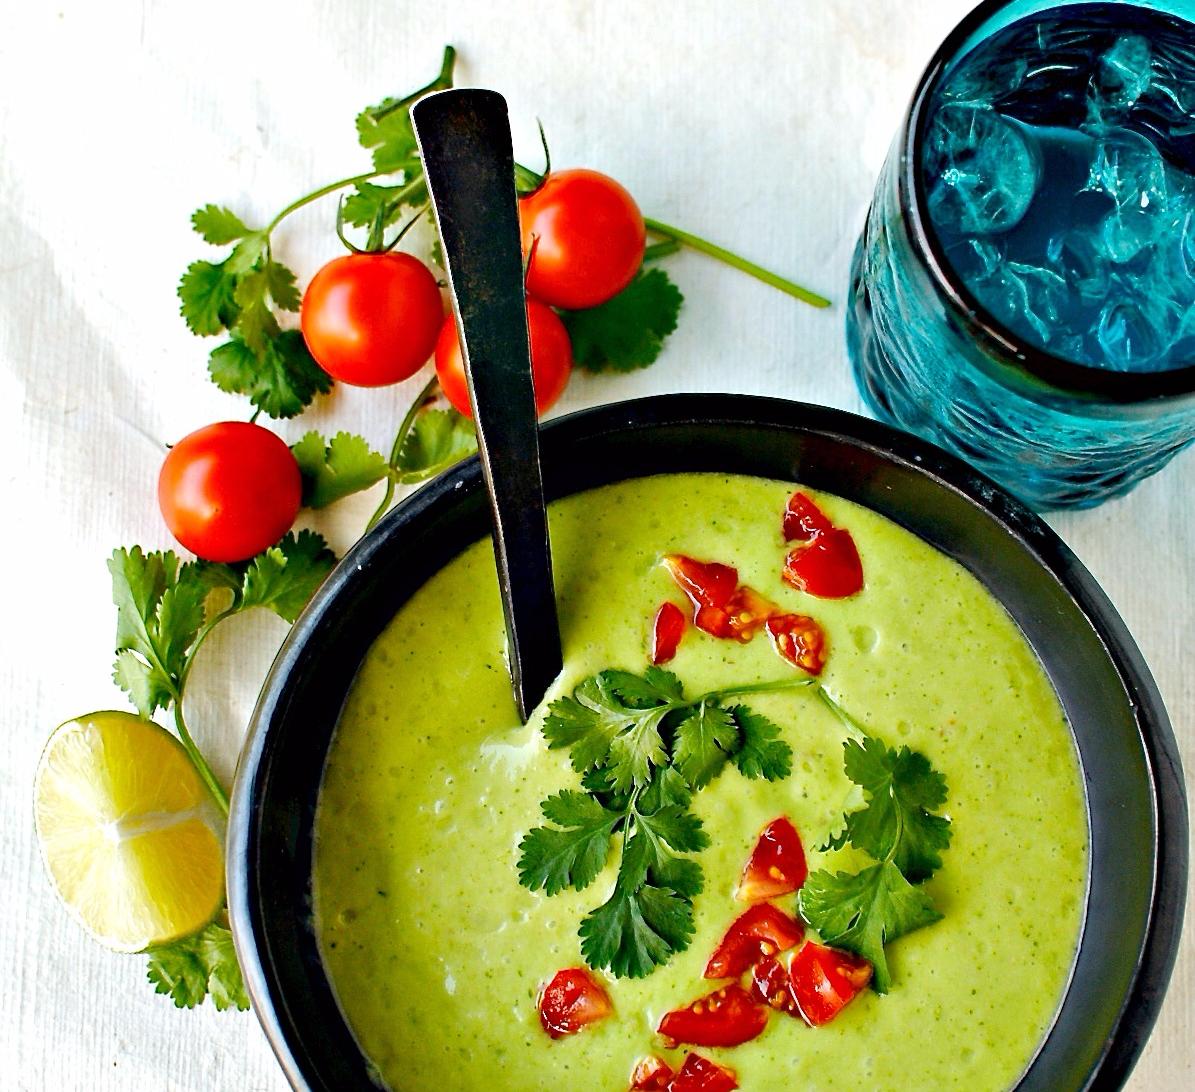 Рецепты Суповой Диеты. Правила и особенности соблюдения суповой диеты, примерное меню на каждый день